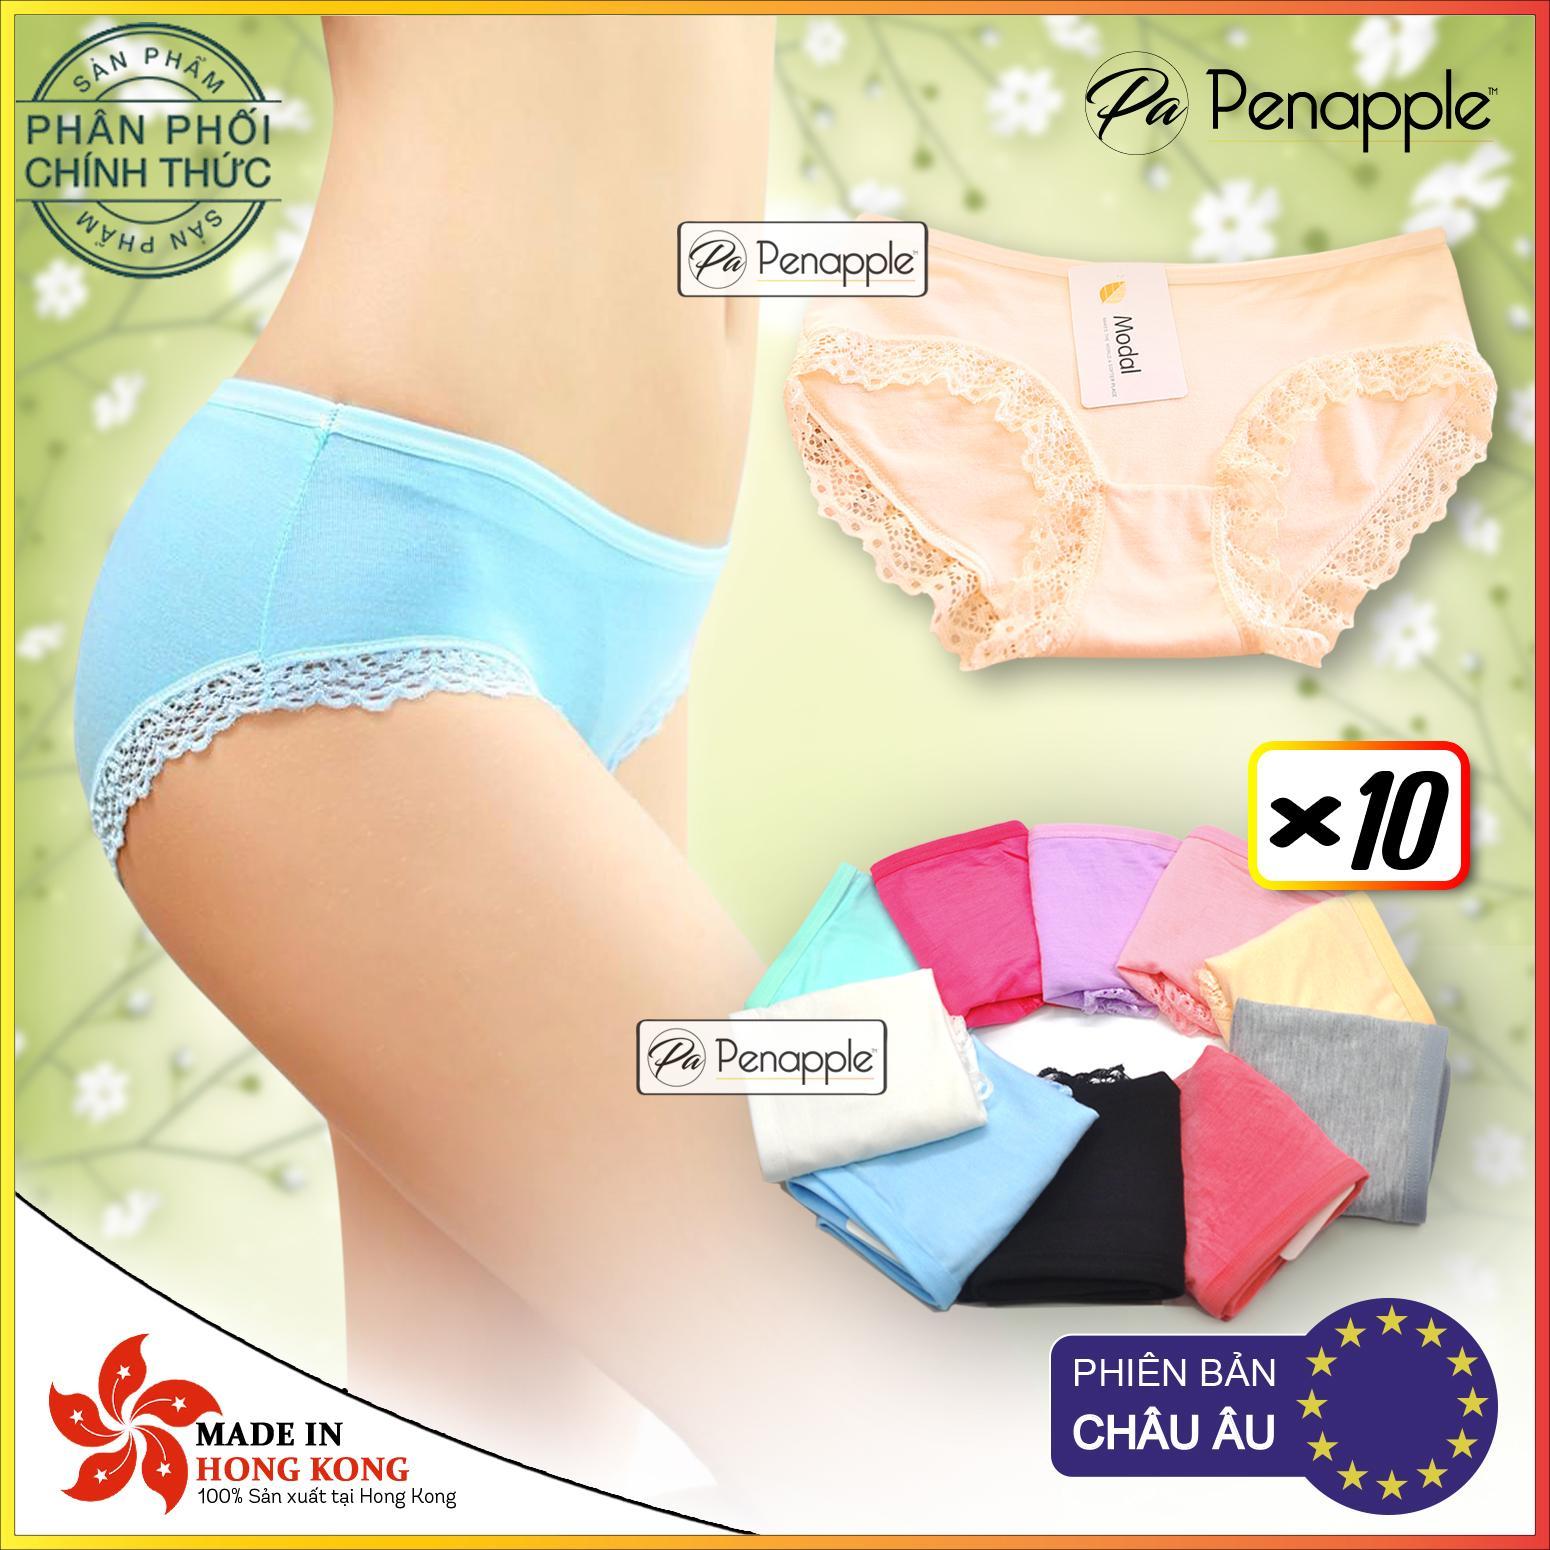 Ôn Tập Combo Set 10 Panties 1 Bộ 10 Quần Lot Nữ Cotton Viền Ren Cao Cấp Thấm Hut Mat Mịn Sản Xuất Tại Hồng Kong Hang Phan Phối Chinh Thức